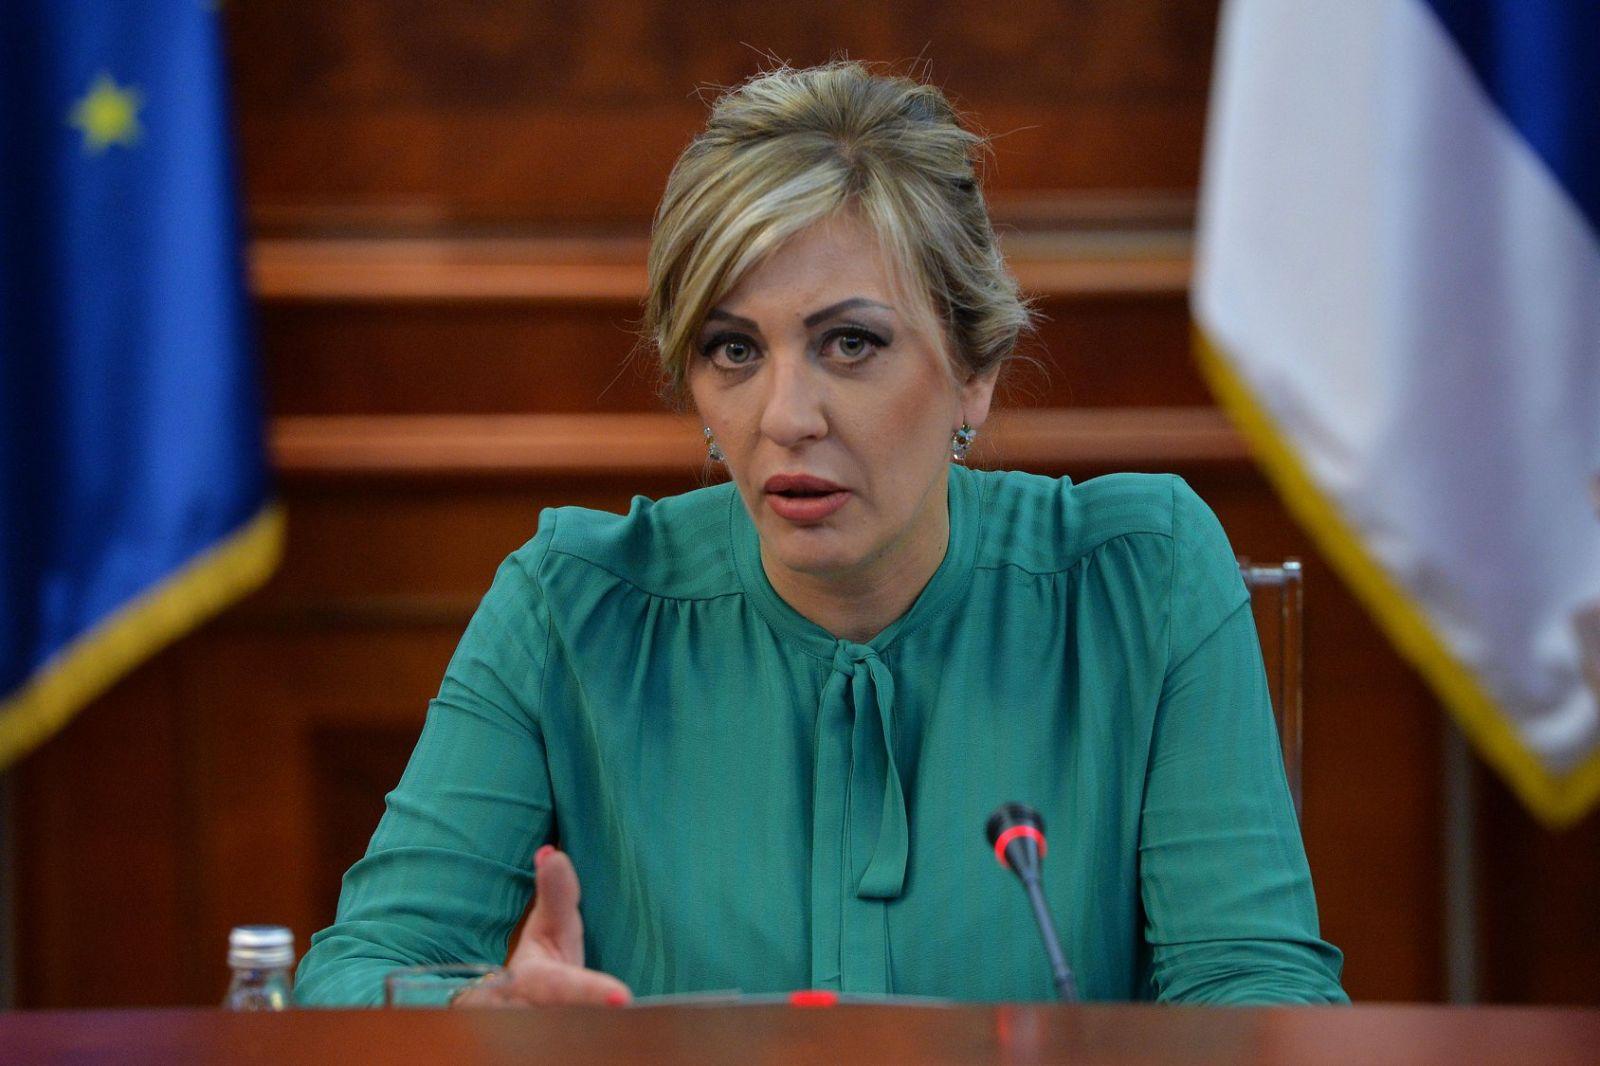 Ј. Јоксимовић: Надлежни да реагују на претње породици председника Вучића